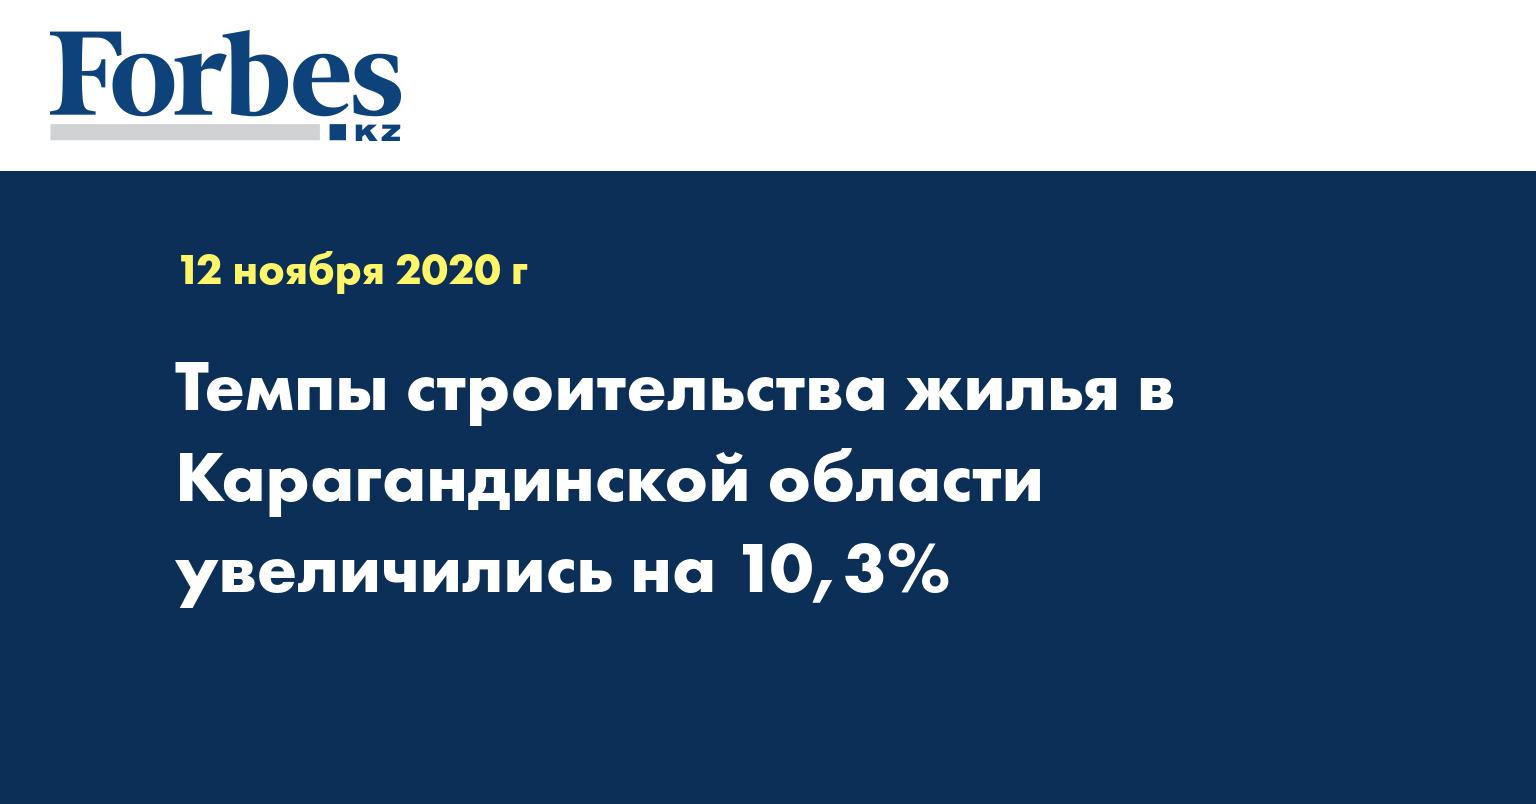 Темпы строительства жилья в Карагандинской области увеличились на 10,3%